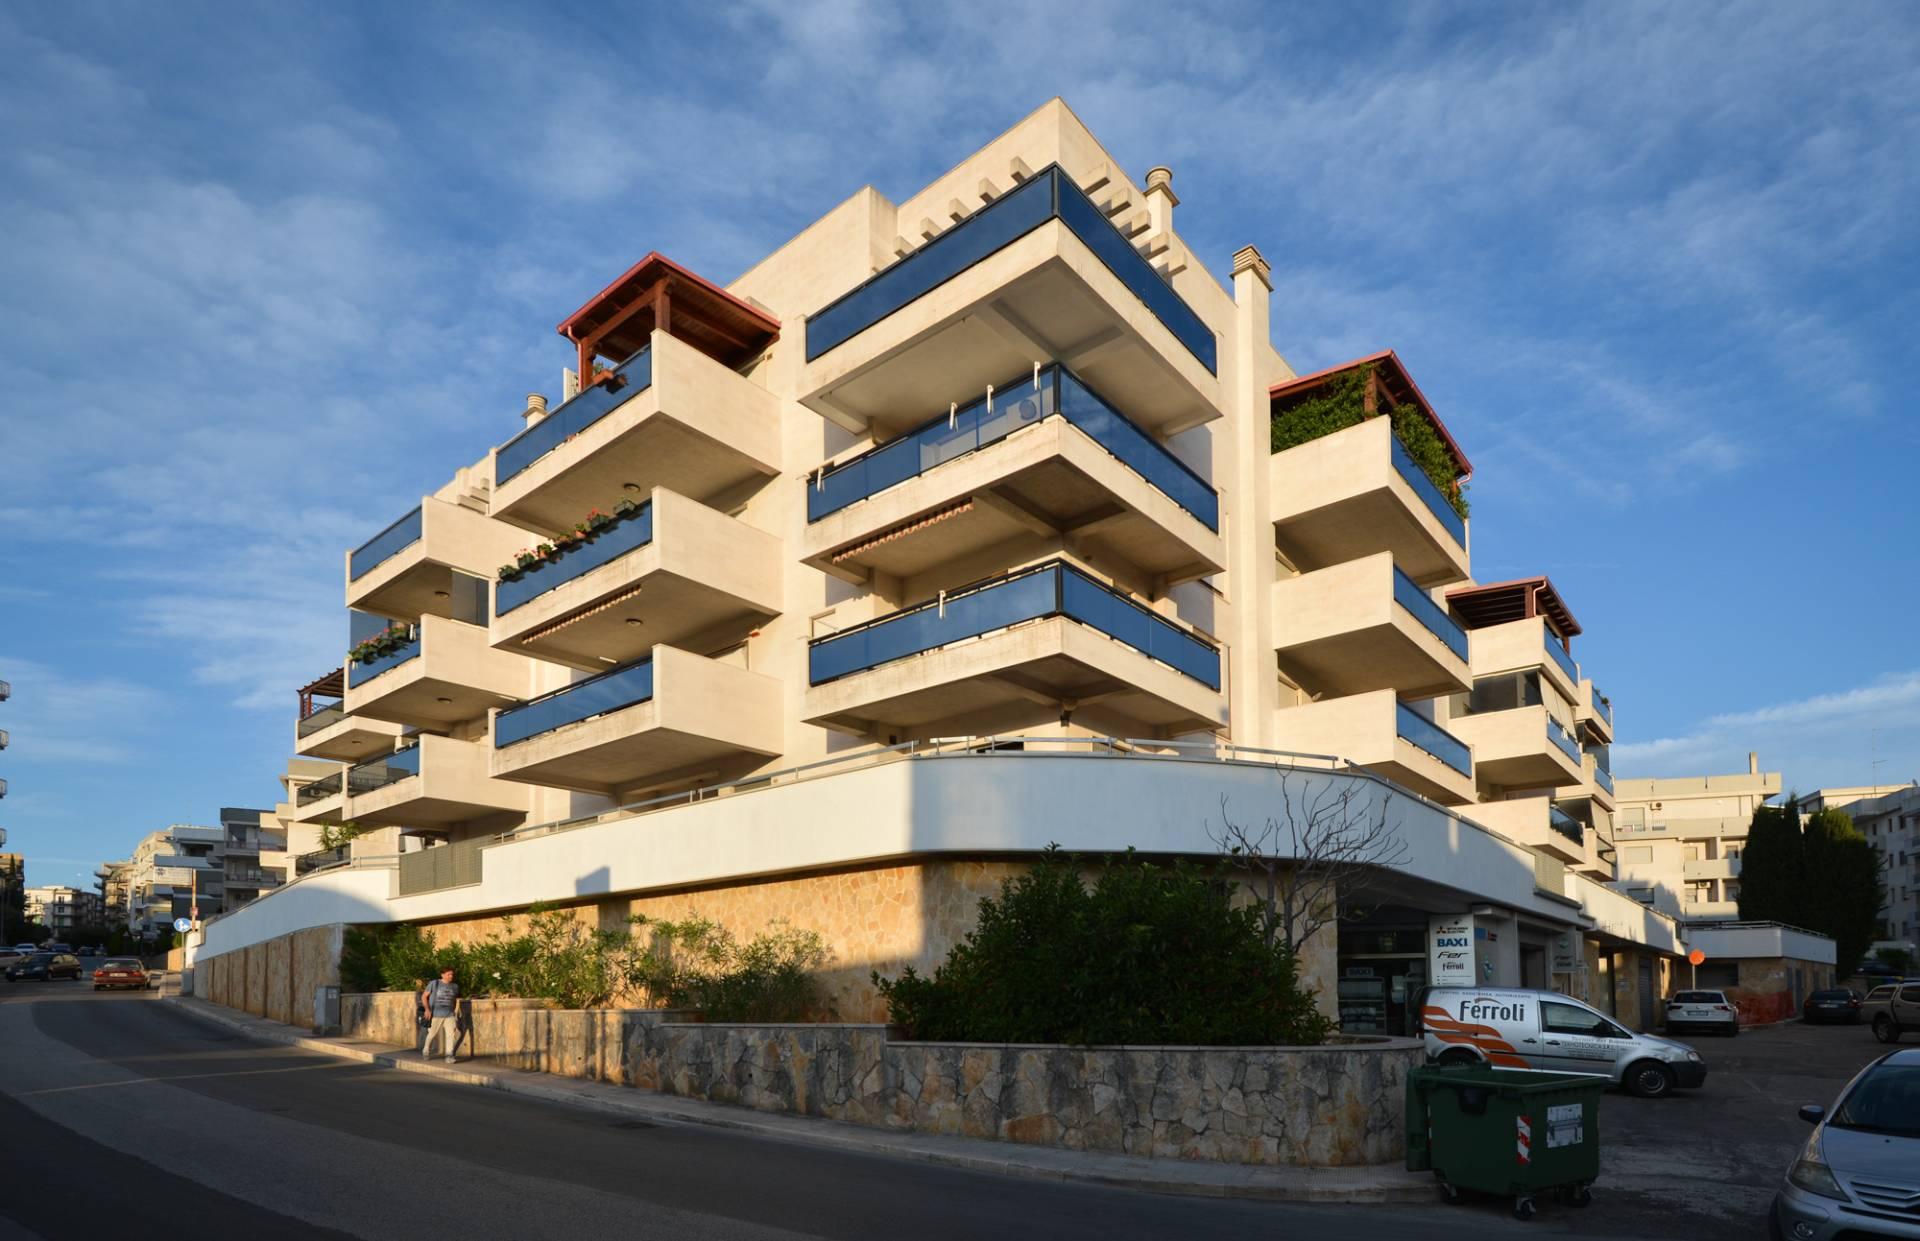 Appartamento in vendita a Martina Franca, 7 locali, Trattative riservate | CambioCasa.it